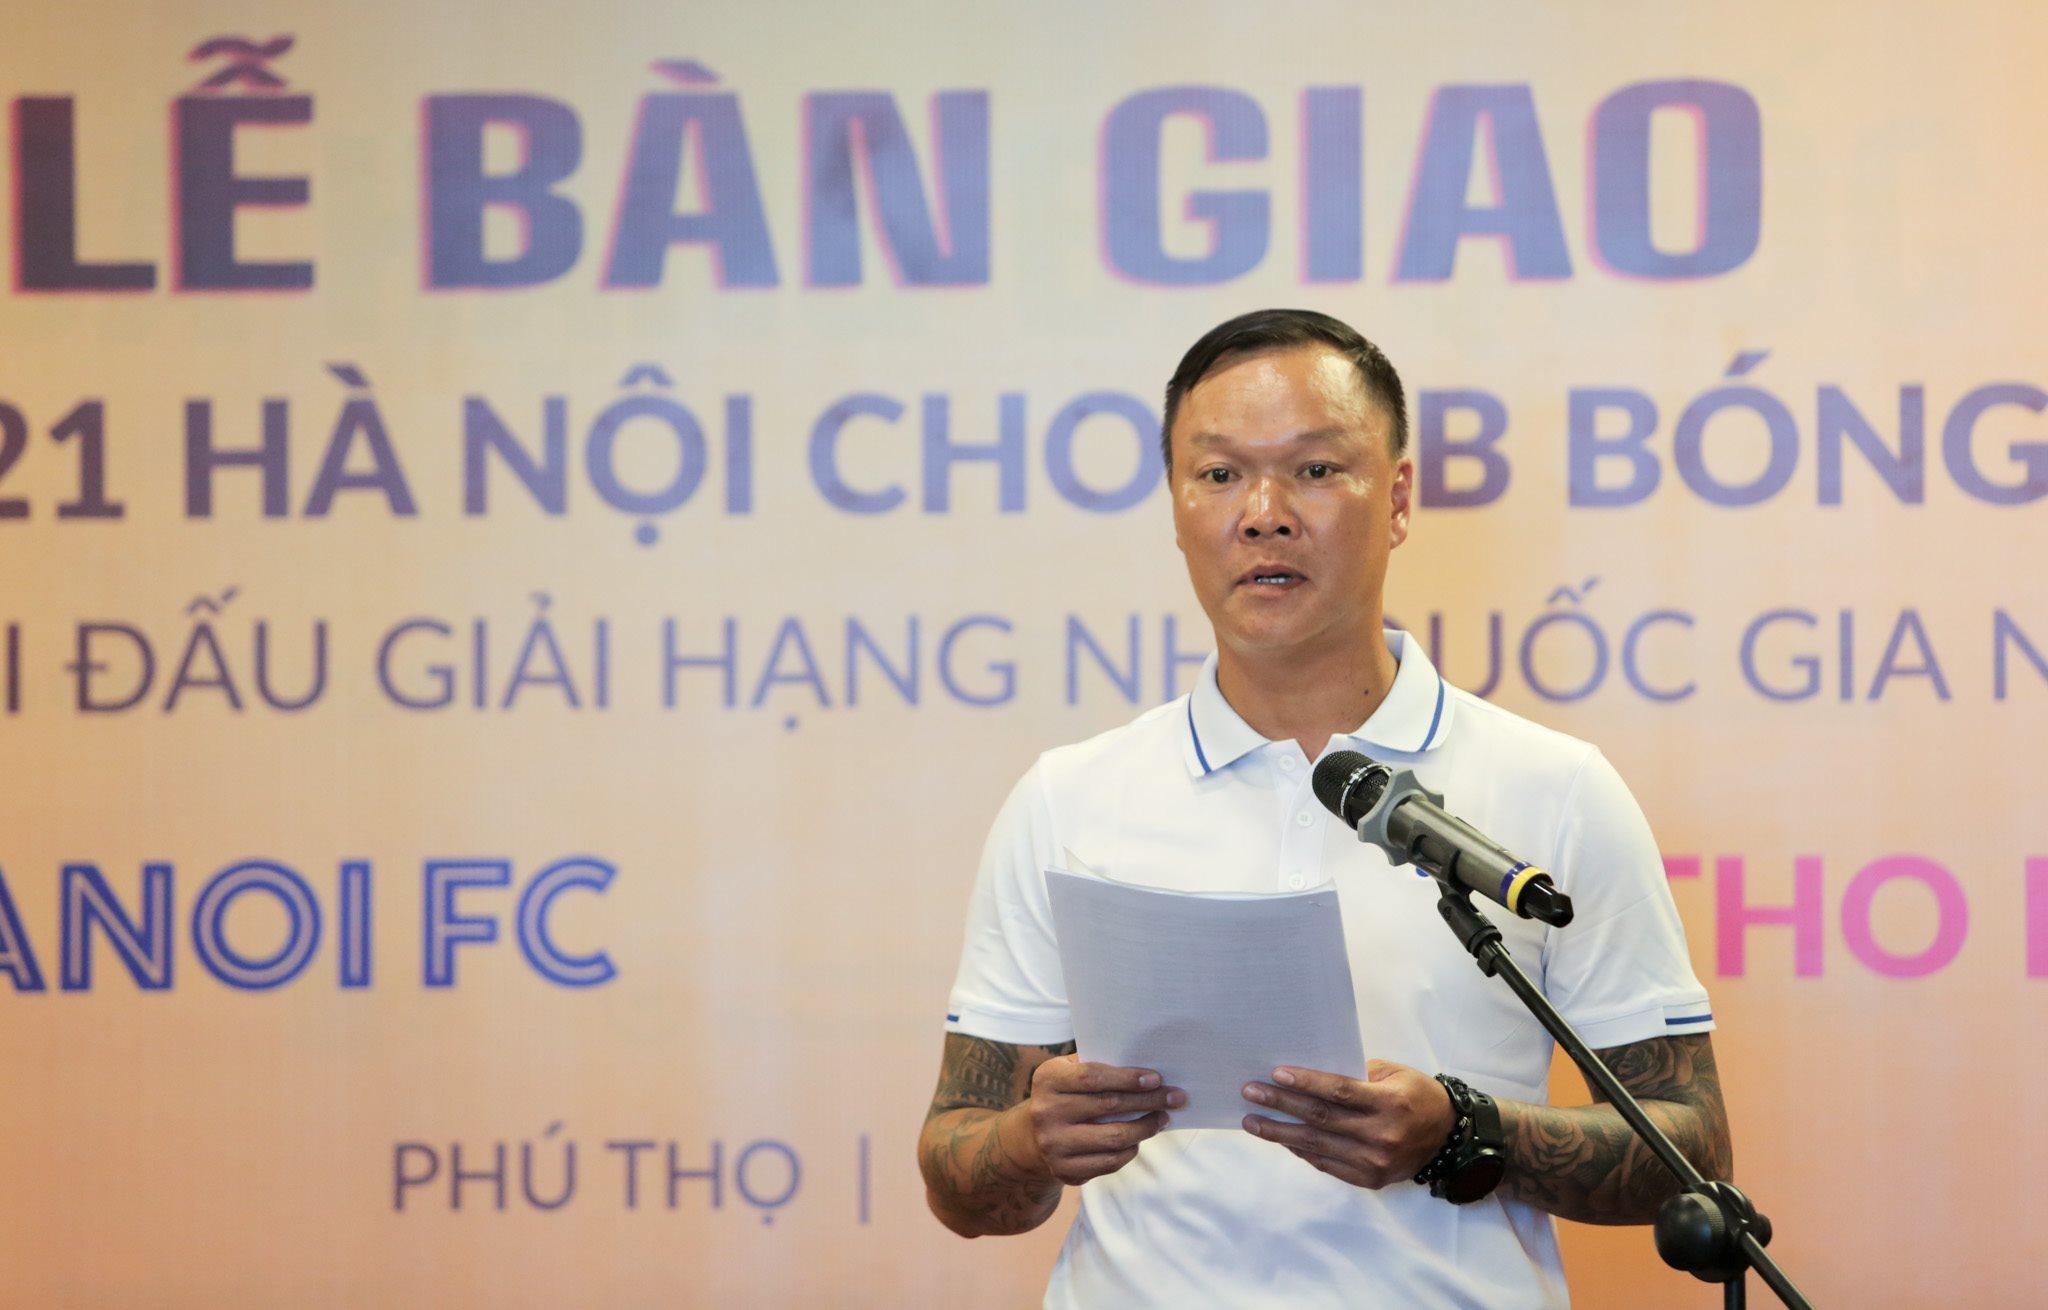 Hình ảnh: Có thoả thuận ngầm trong việc bầu Hiển bàn giao U21 cho CLB Phú Thọ? số 2